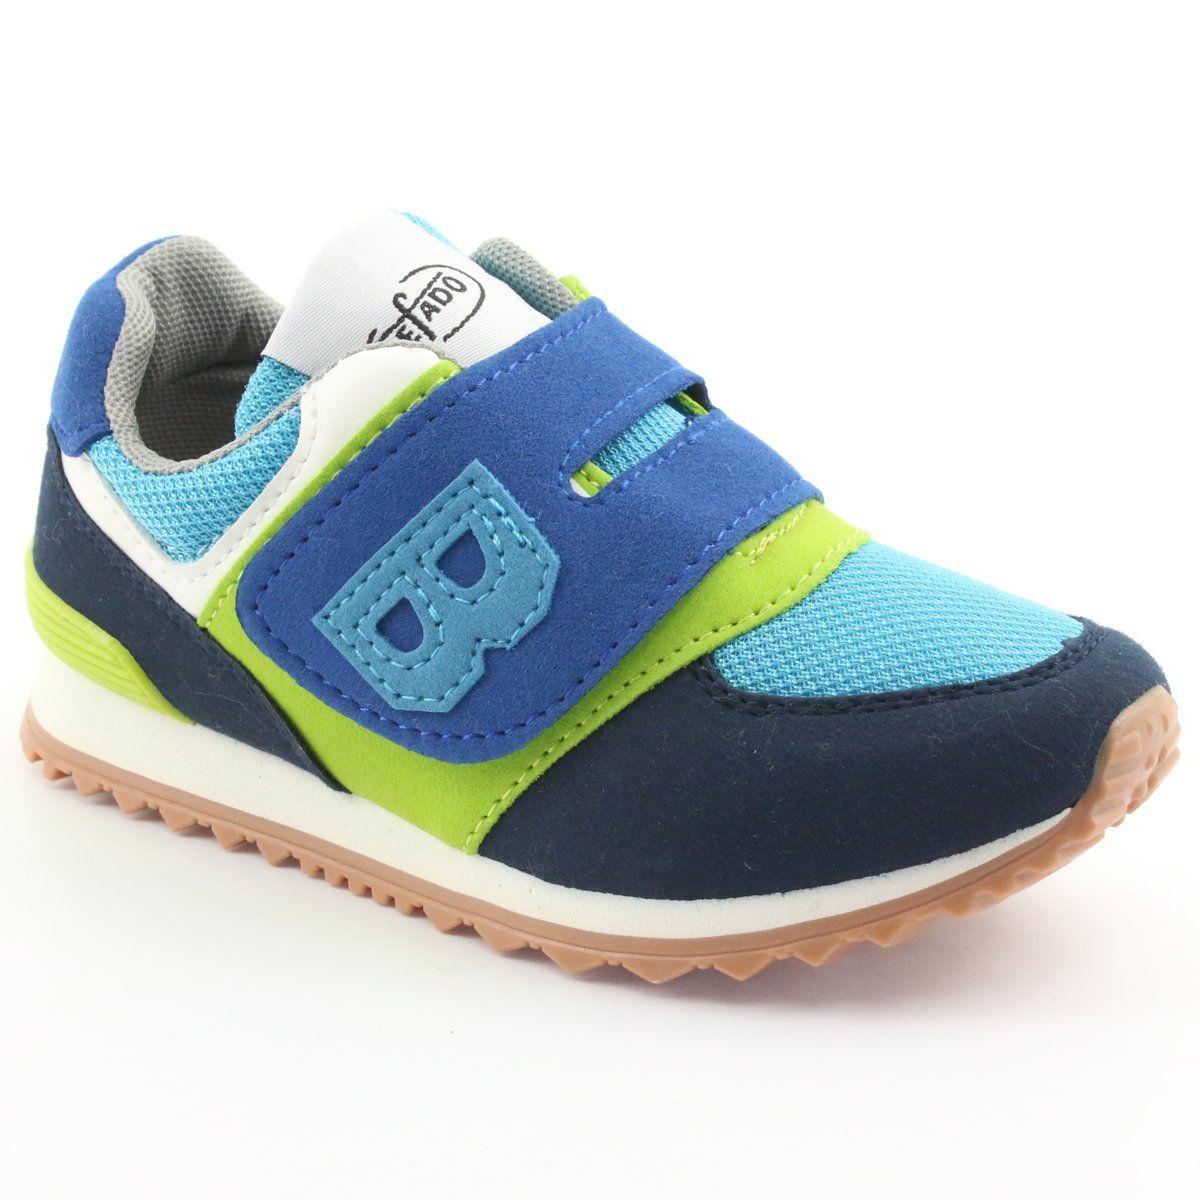 Befado Obuwie Dzieciece Do 23 Cm 516x043 Biale Niebieskie Granatowe Childrens Shoes Boy Shoes Kid Shoes